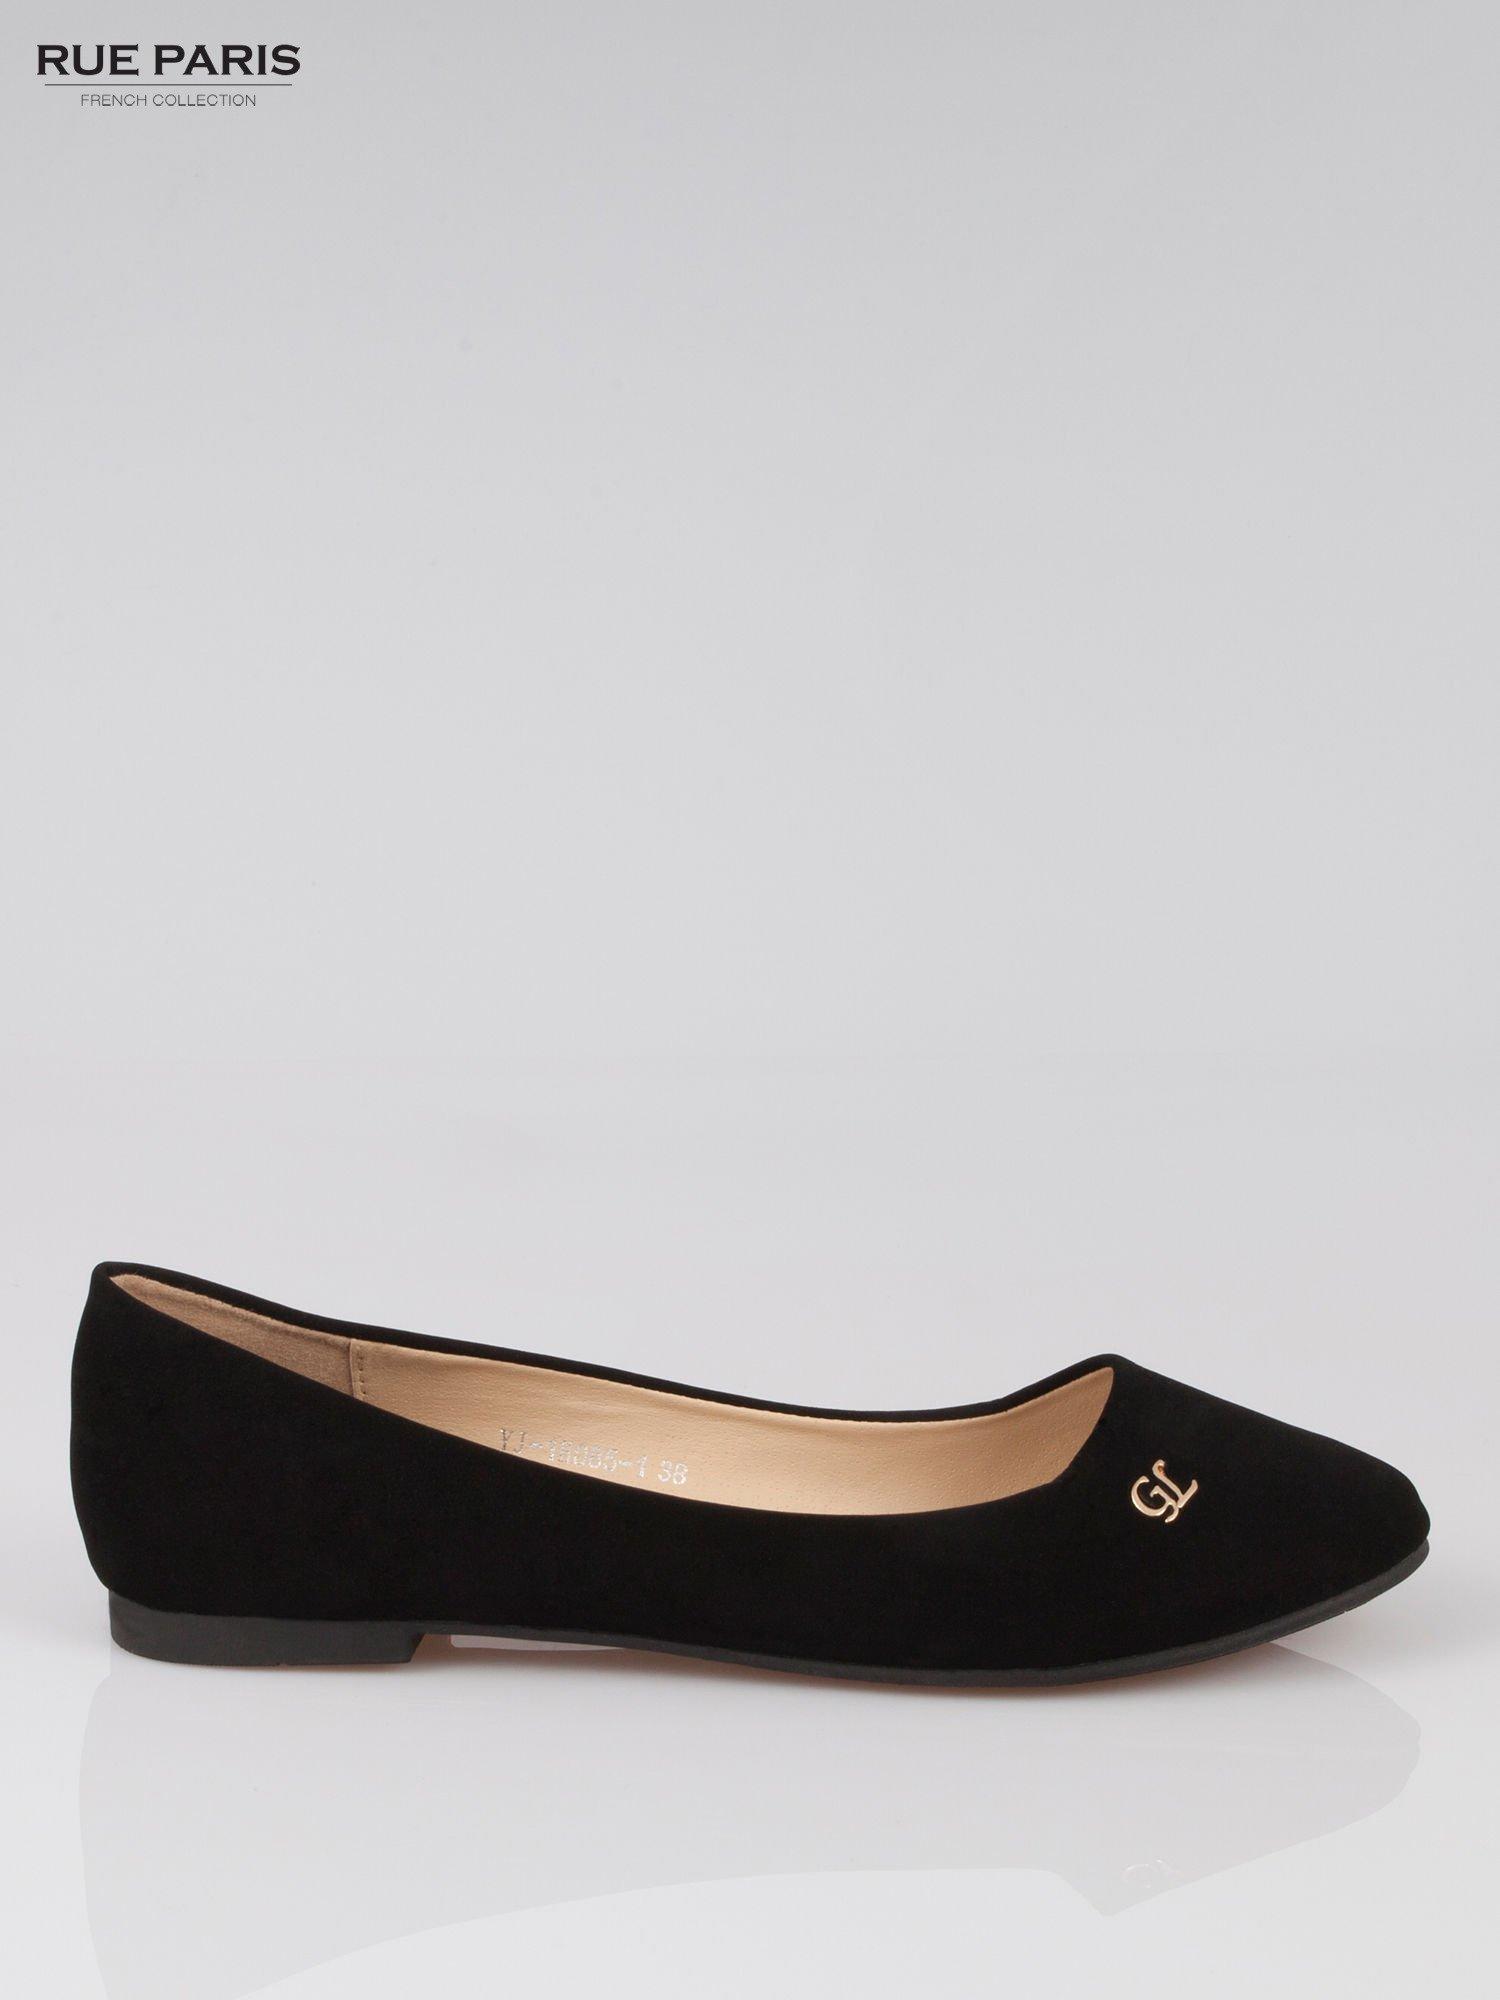 Czarne baleriny faux leather Honey ze złotym logo                                  zdj.                                  1